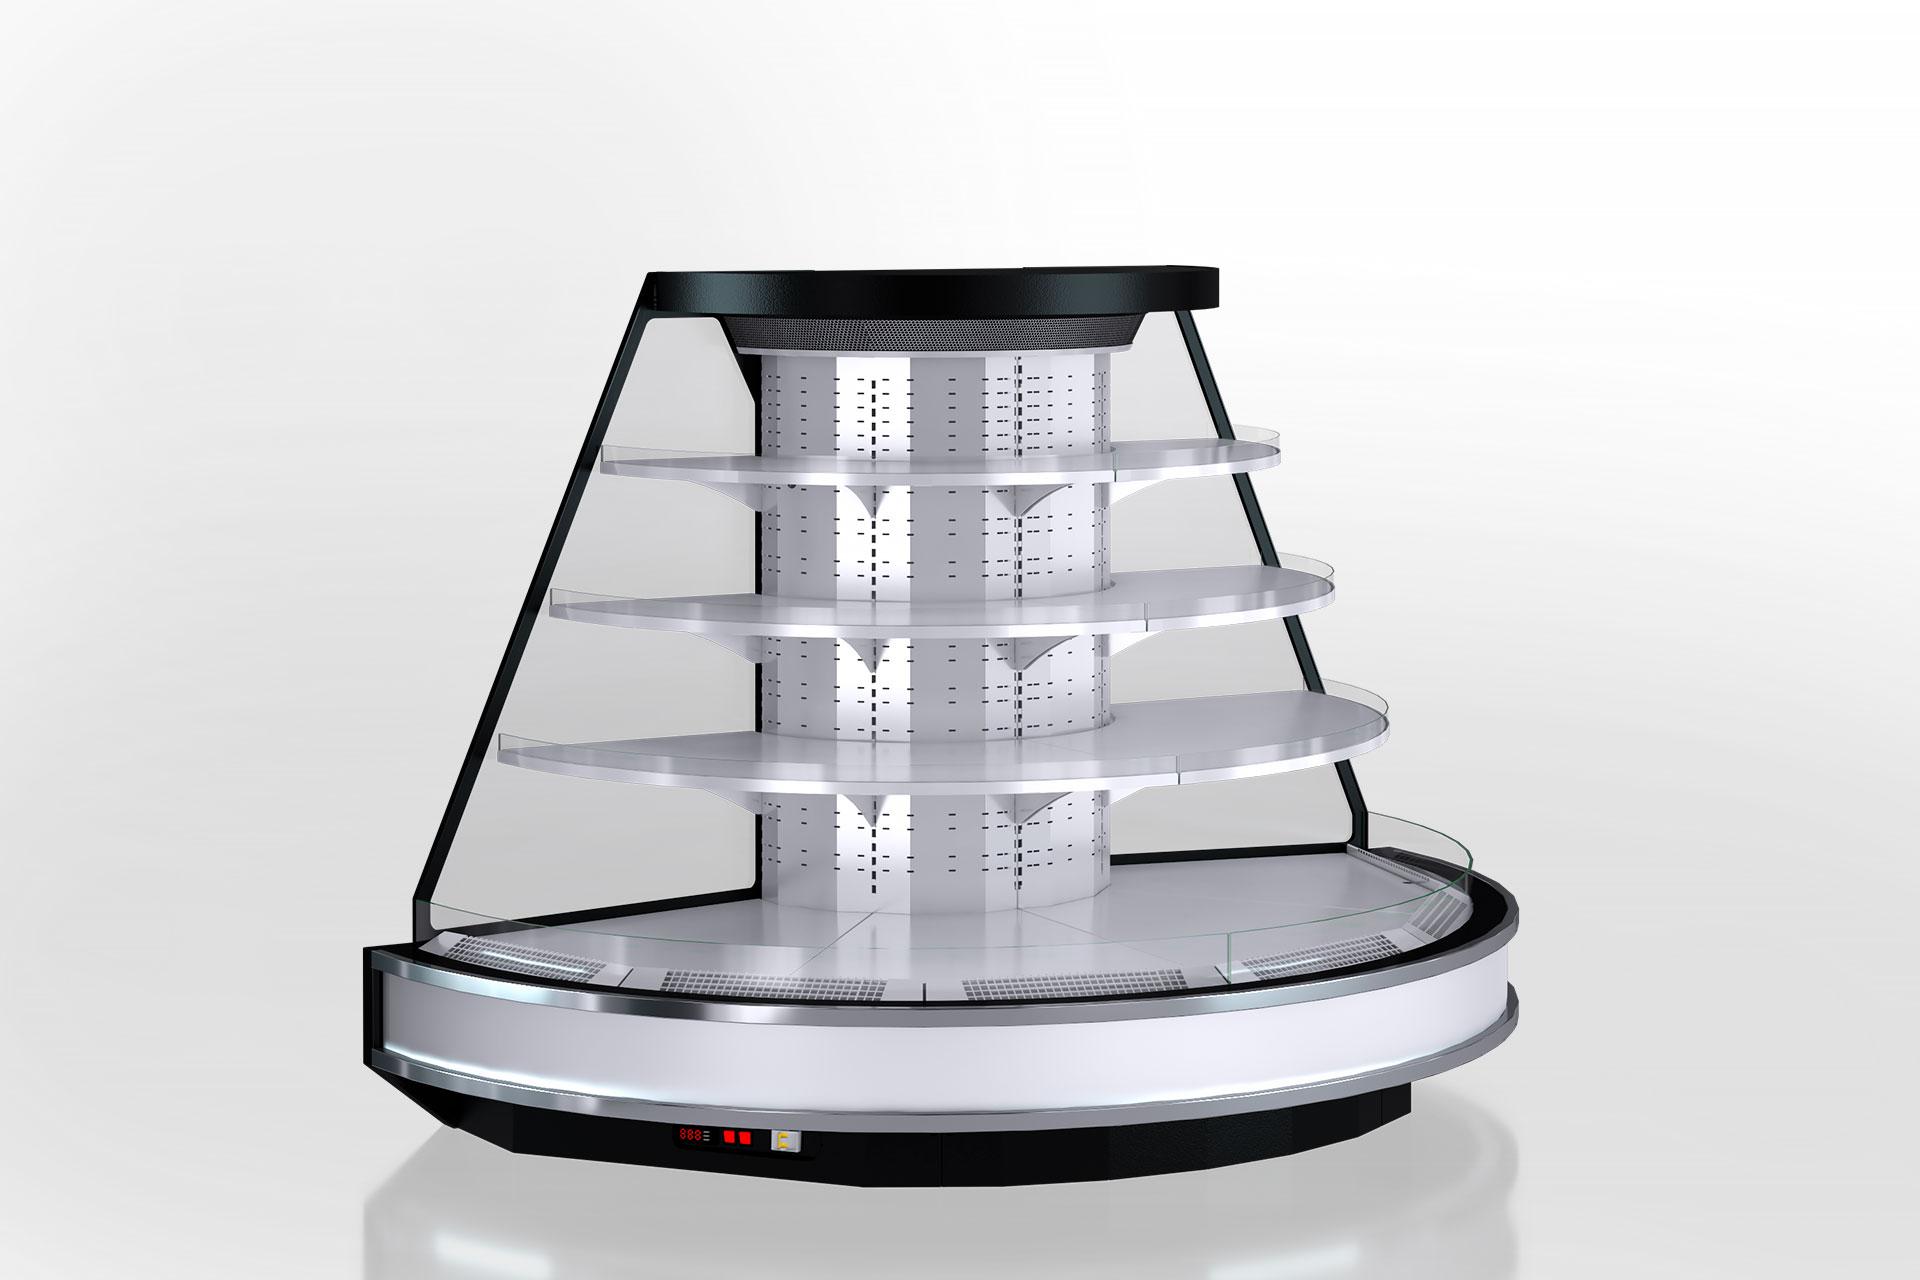 Холодильні напіввертикальні вітрини Мissouri cold diamond island MV 110 deli self 150-DLM-TR220